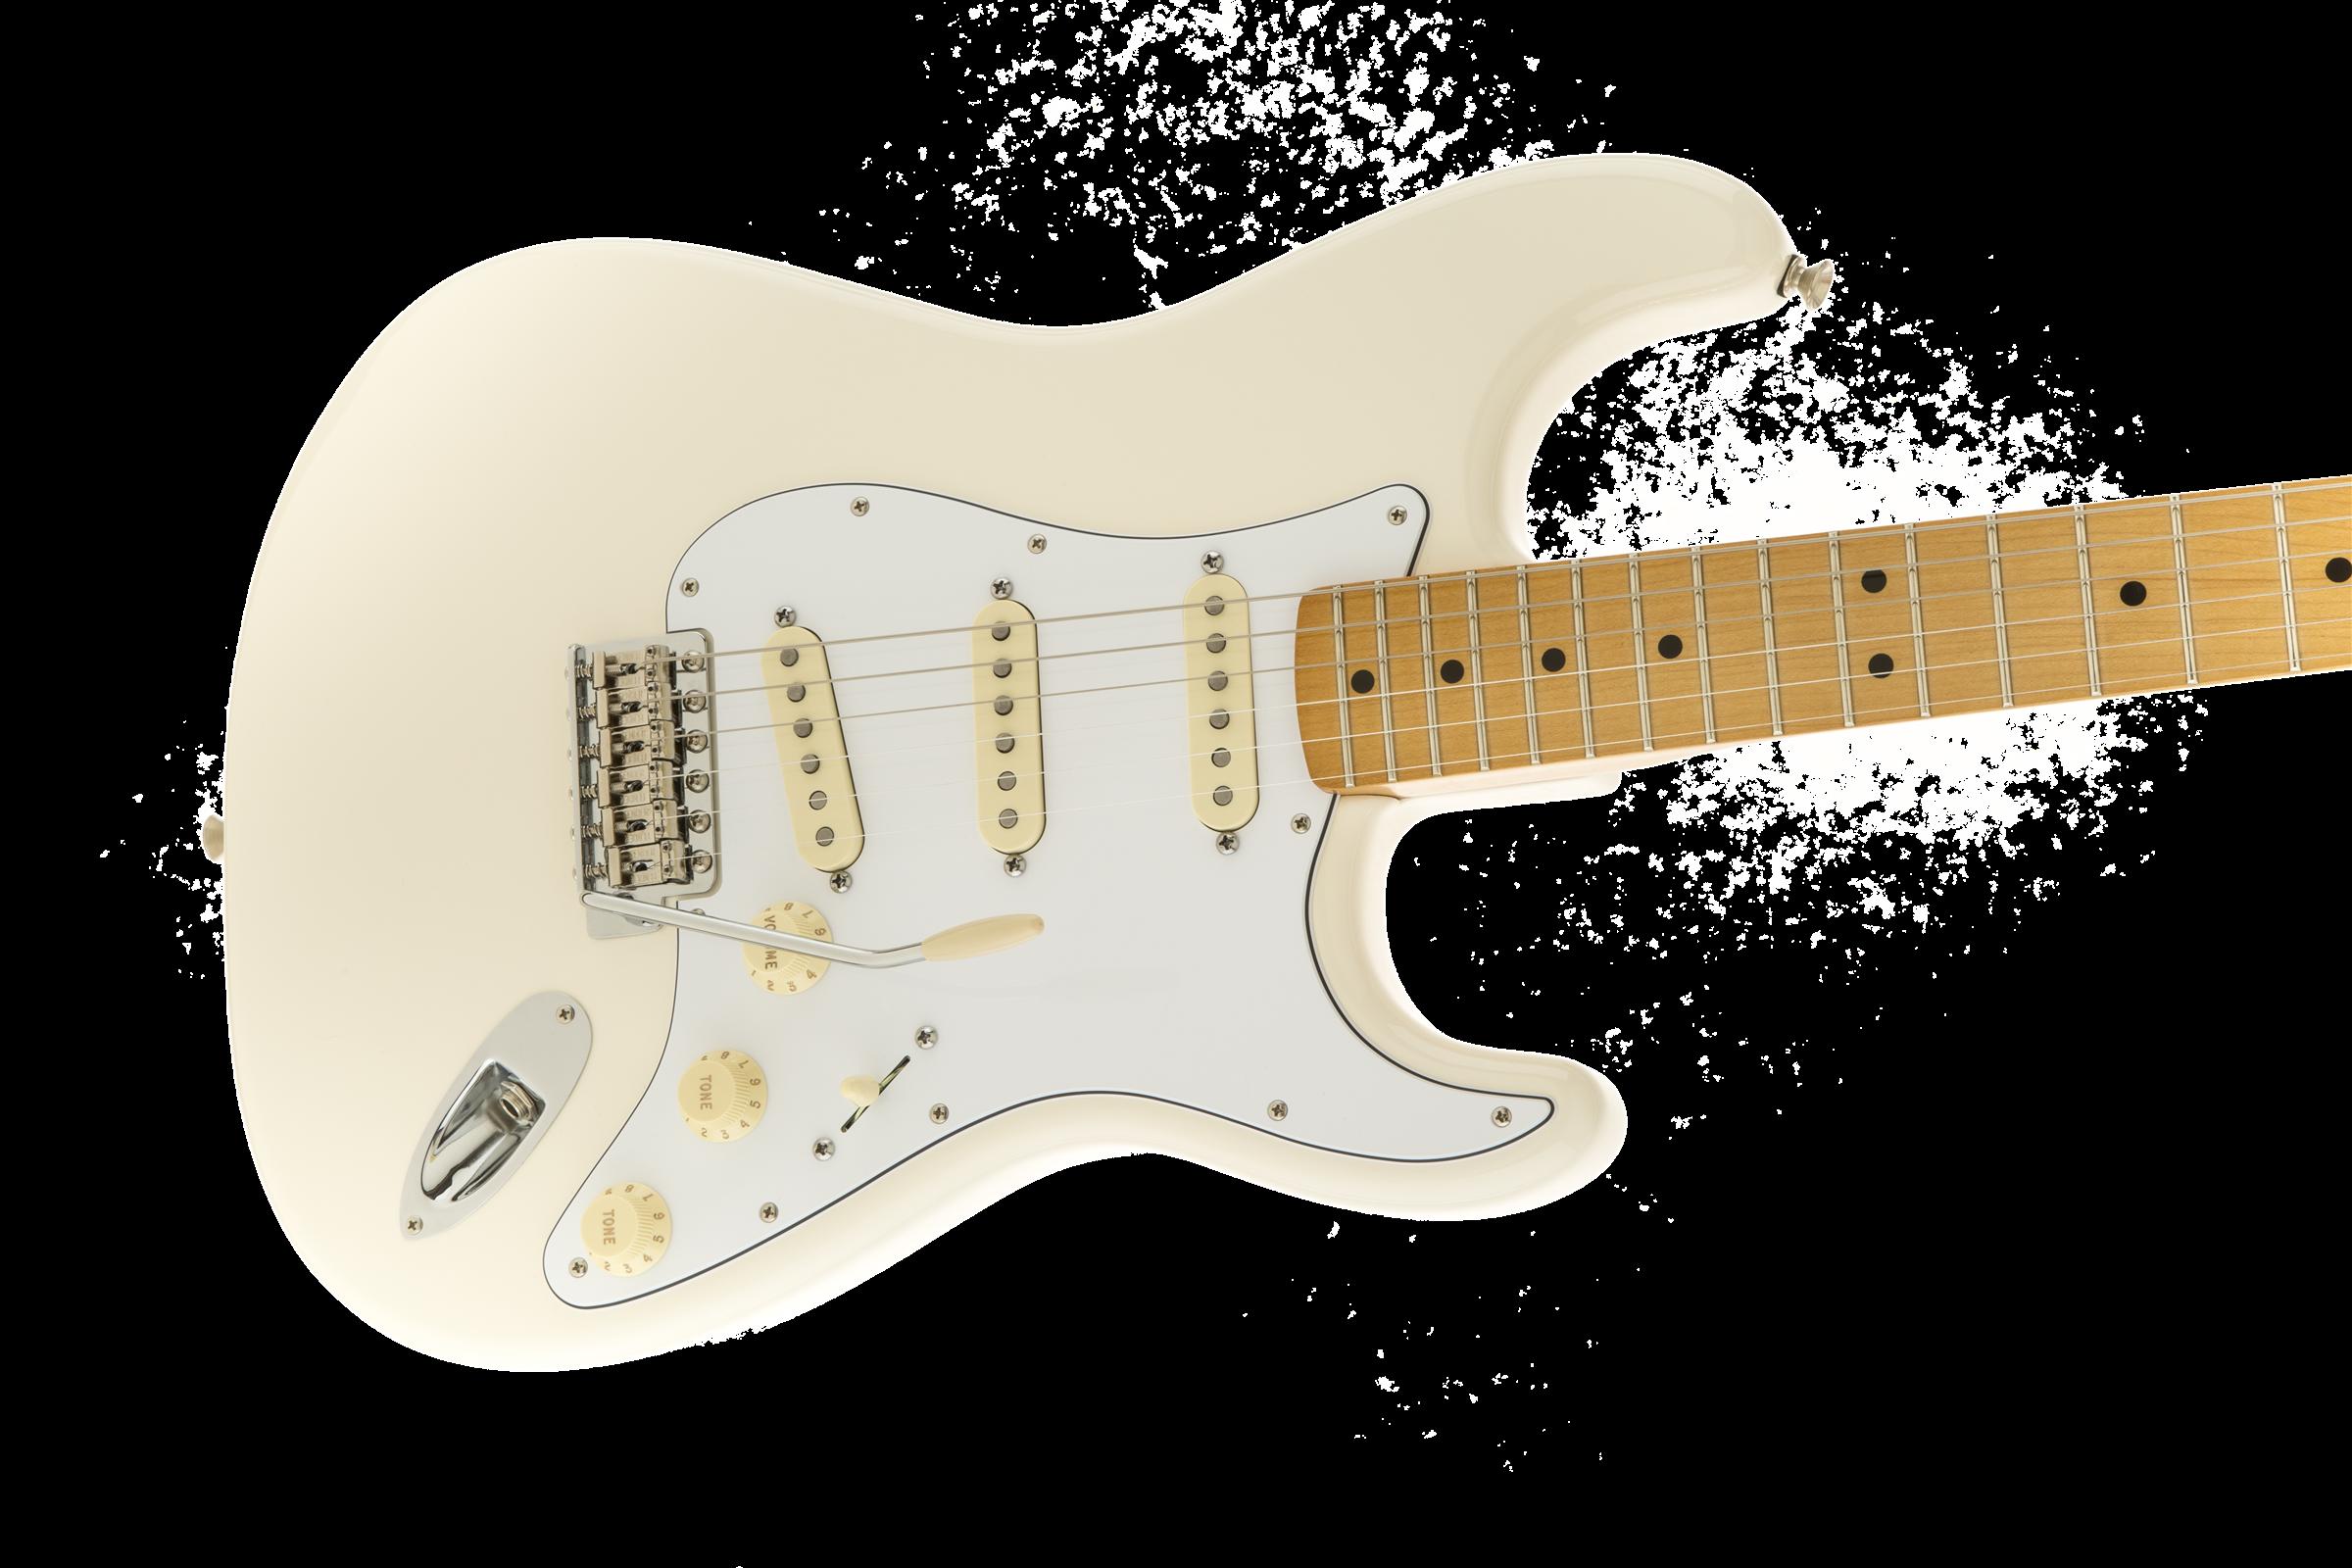 jimi-hendrix-gitara-white-stratocaster-01